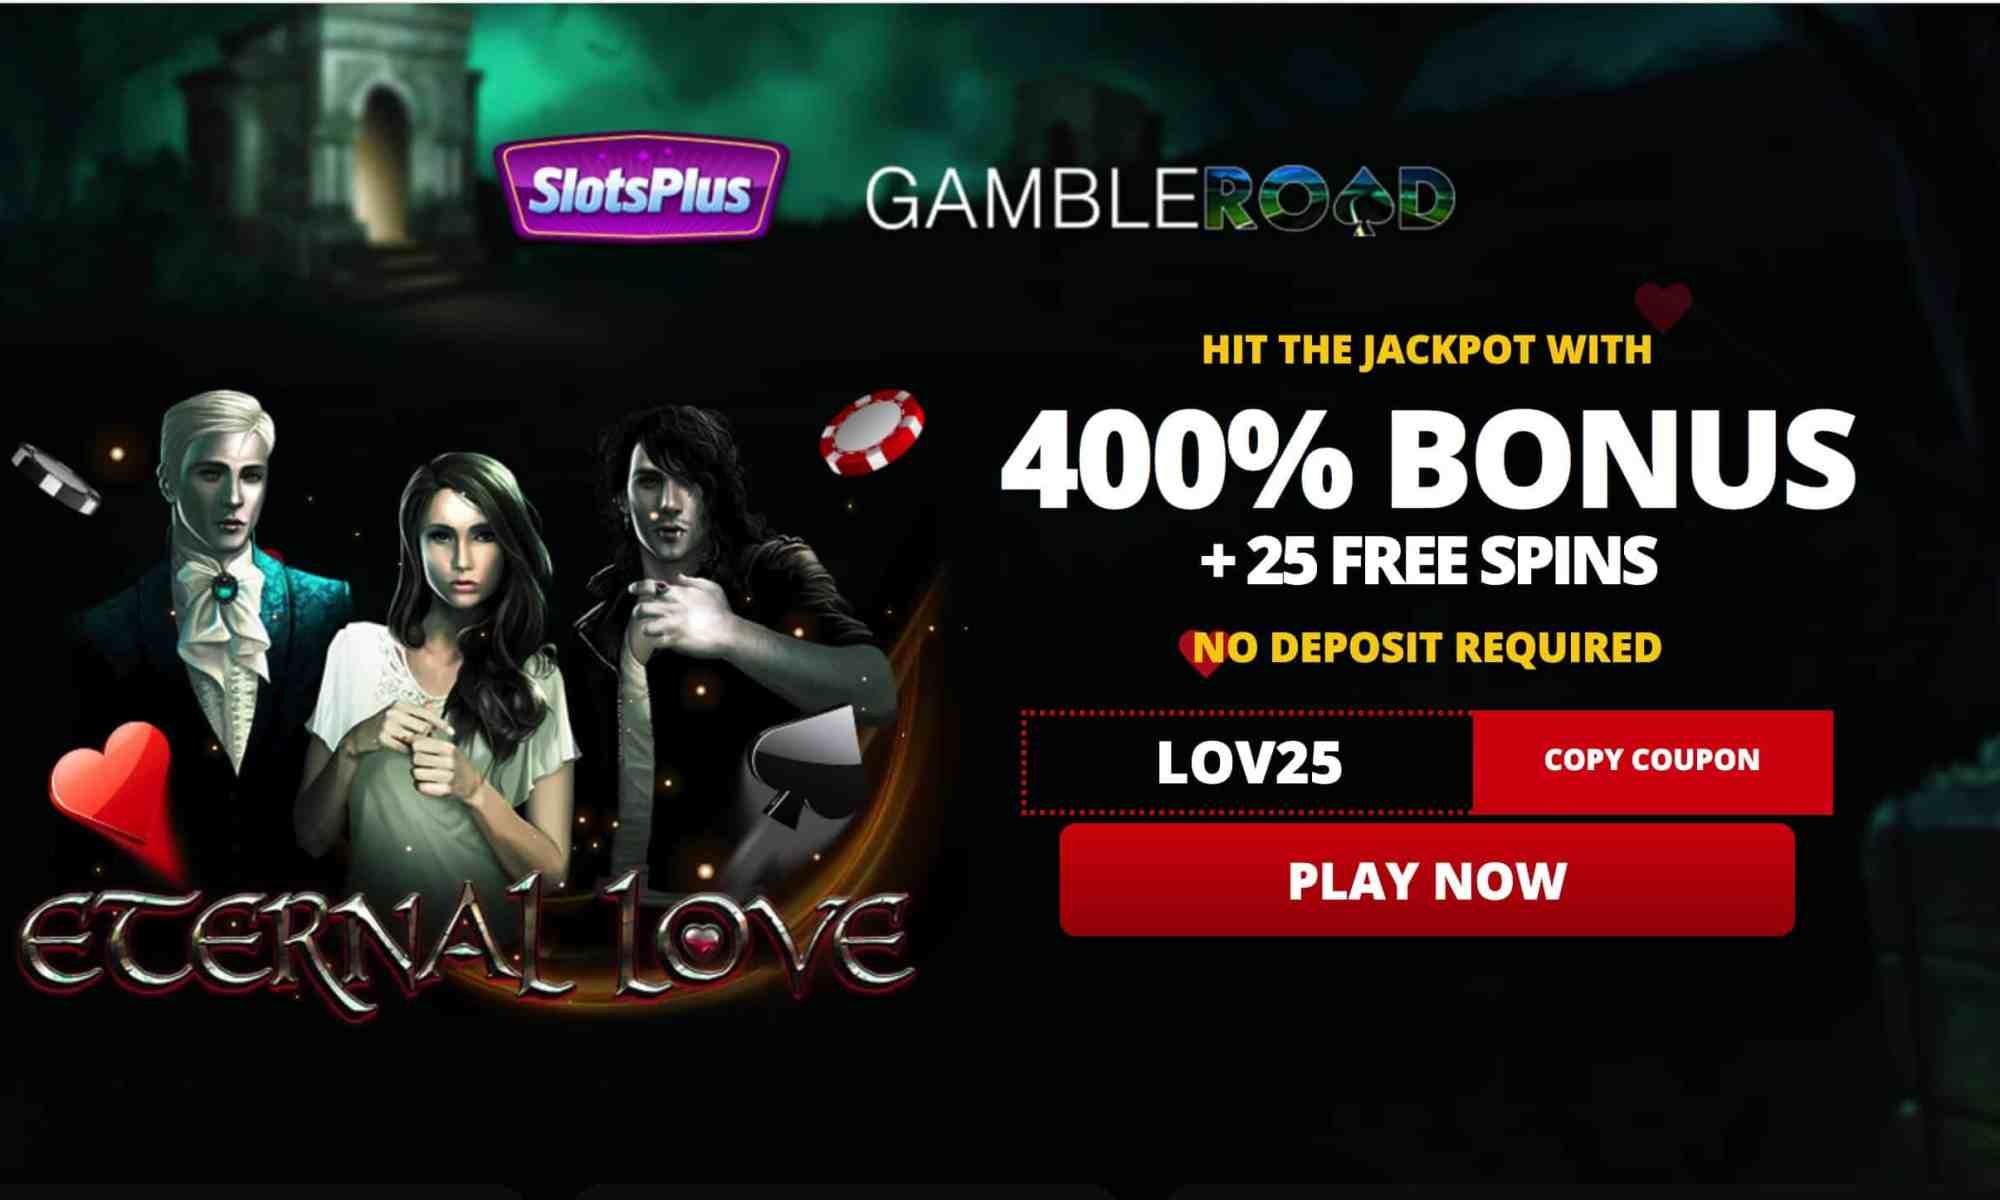 Slots Plus Casino - 25 free spins + 400% bonus